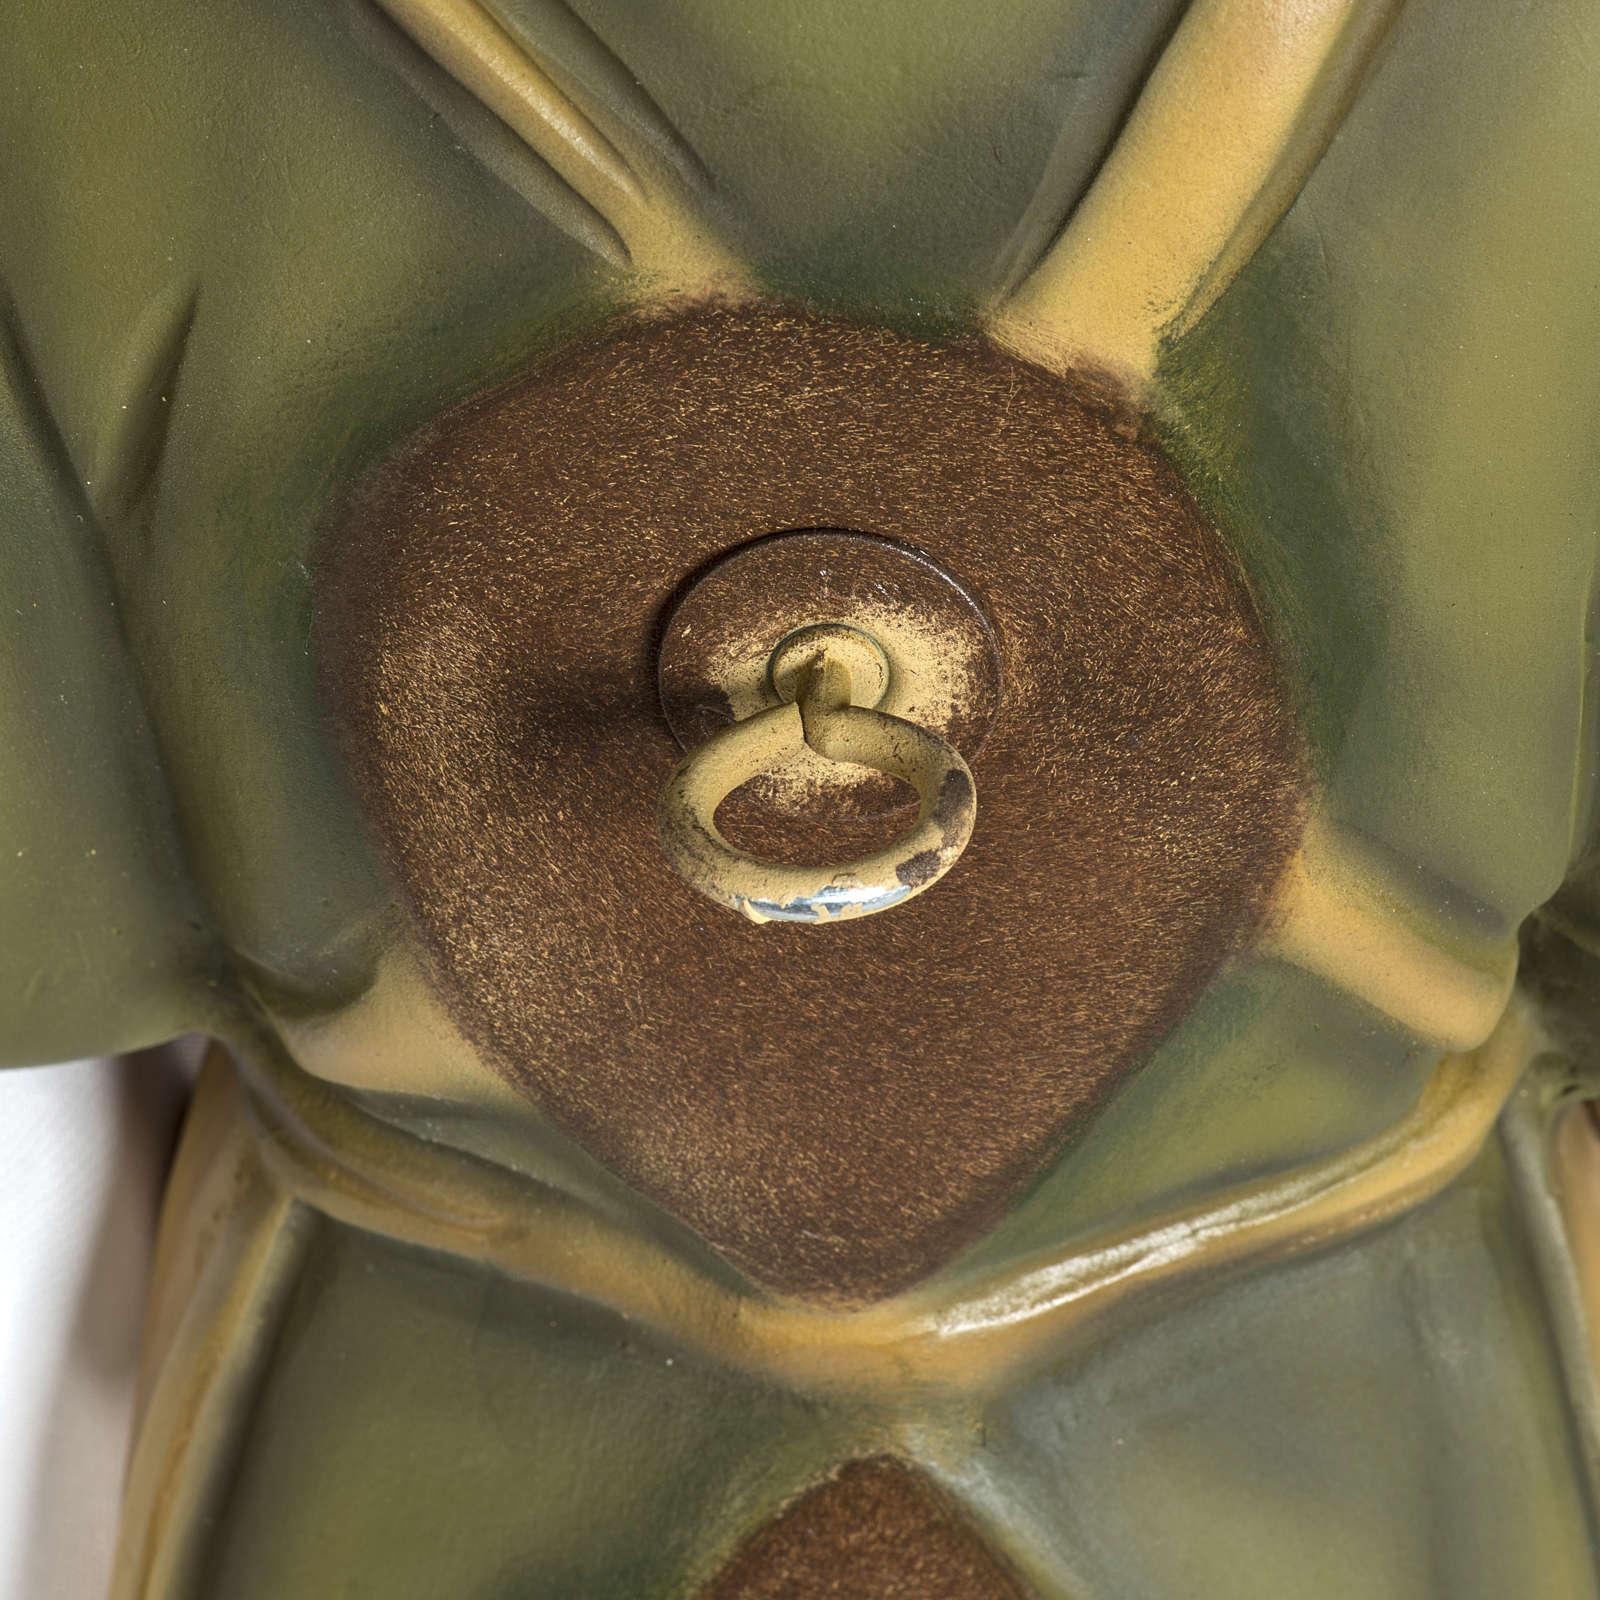 Giuseppe falegname 60 cm applicazione vetroresina 4